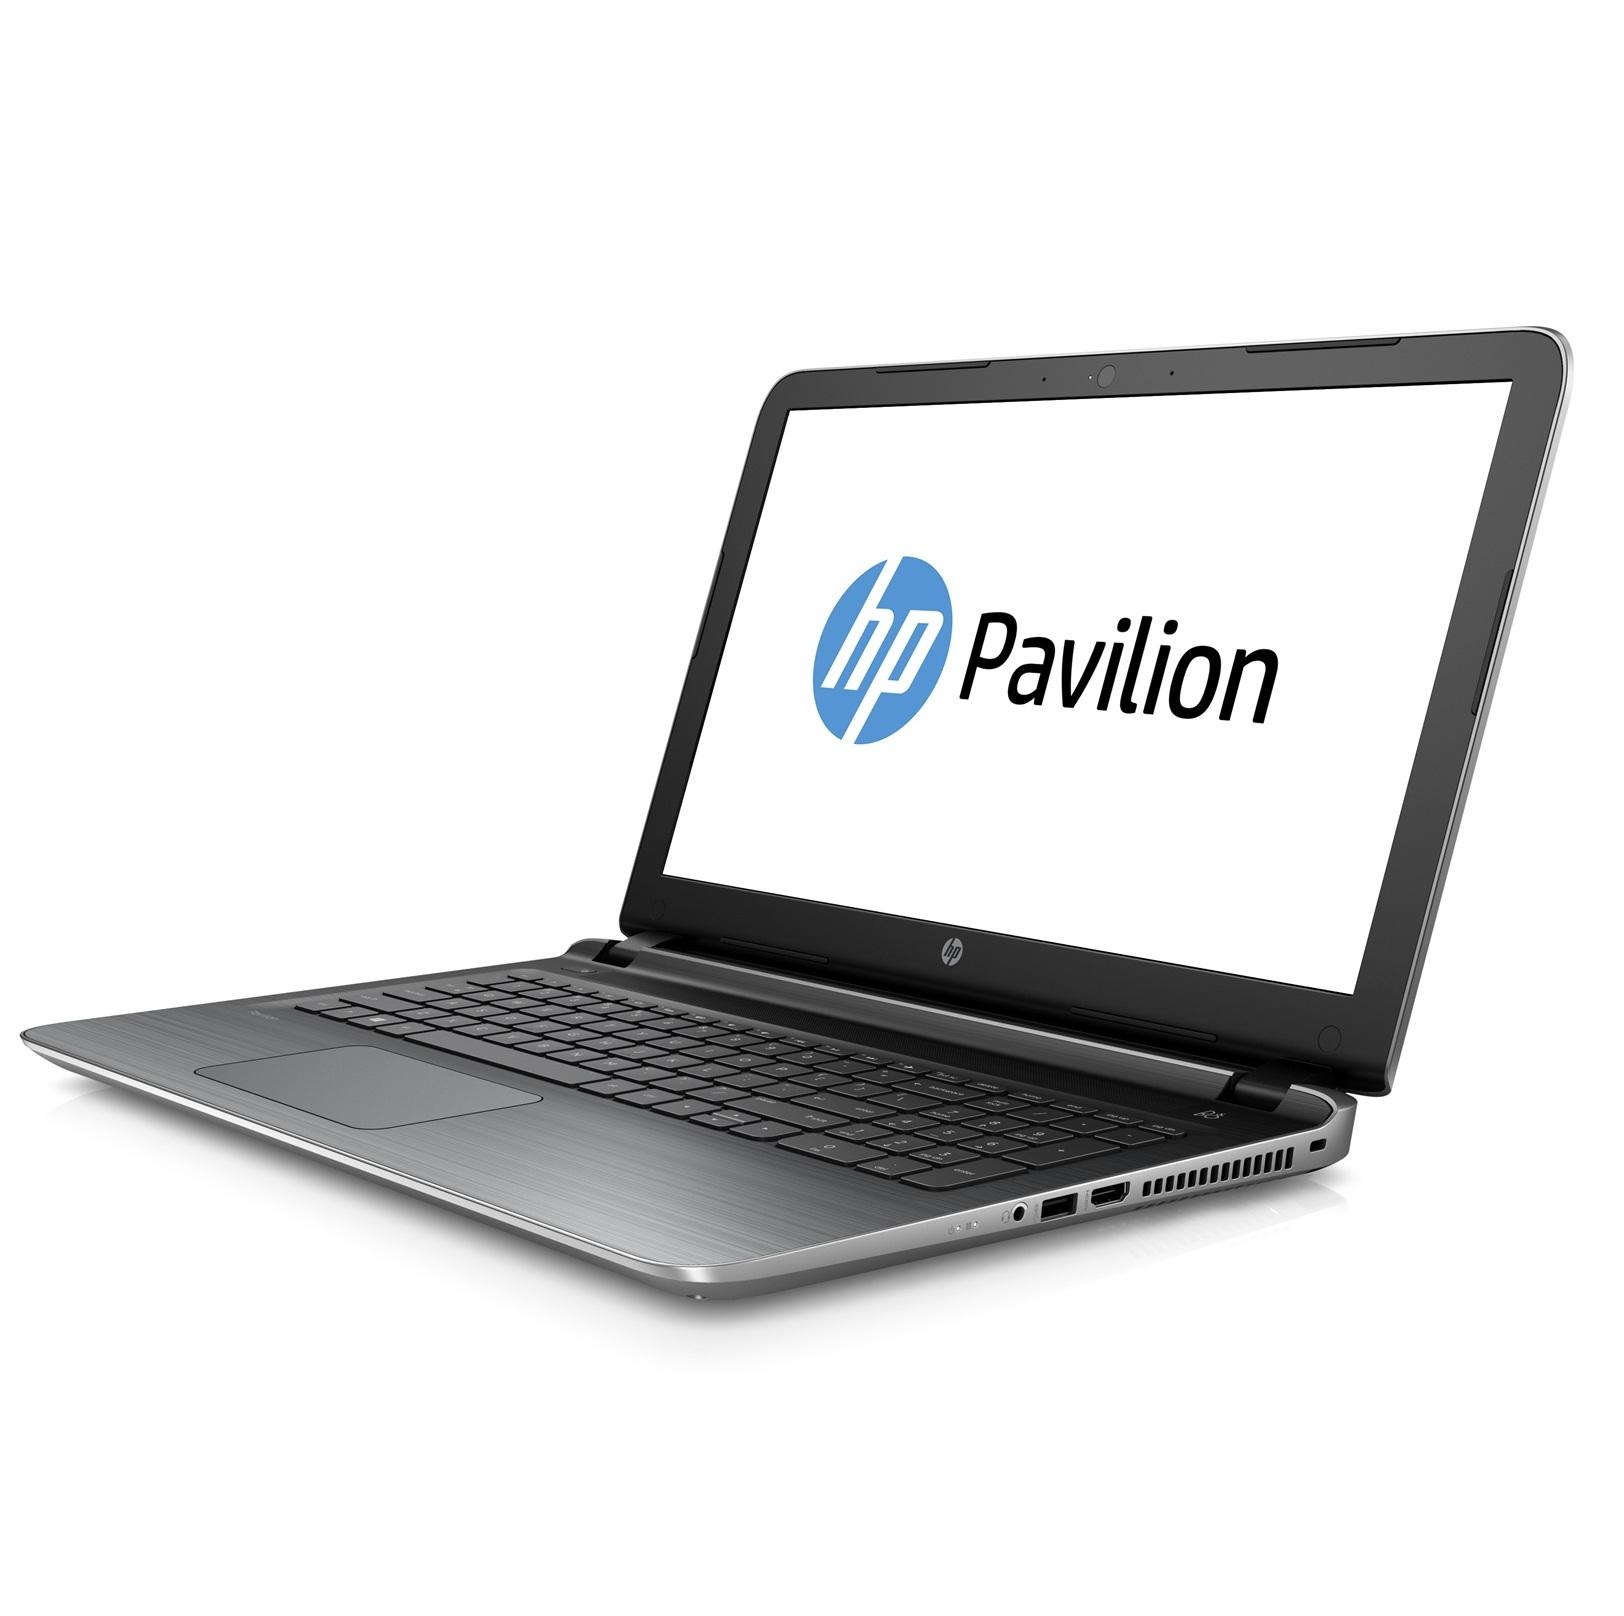 Laptop HP Core i7 Pavilion 15-ab254TX P3V38PA (Silver)